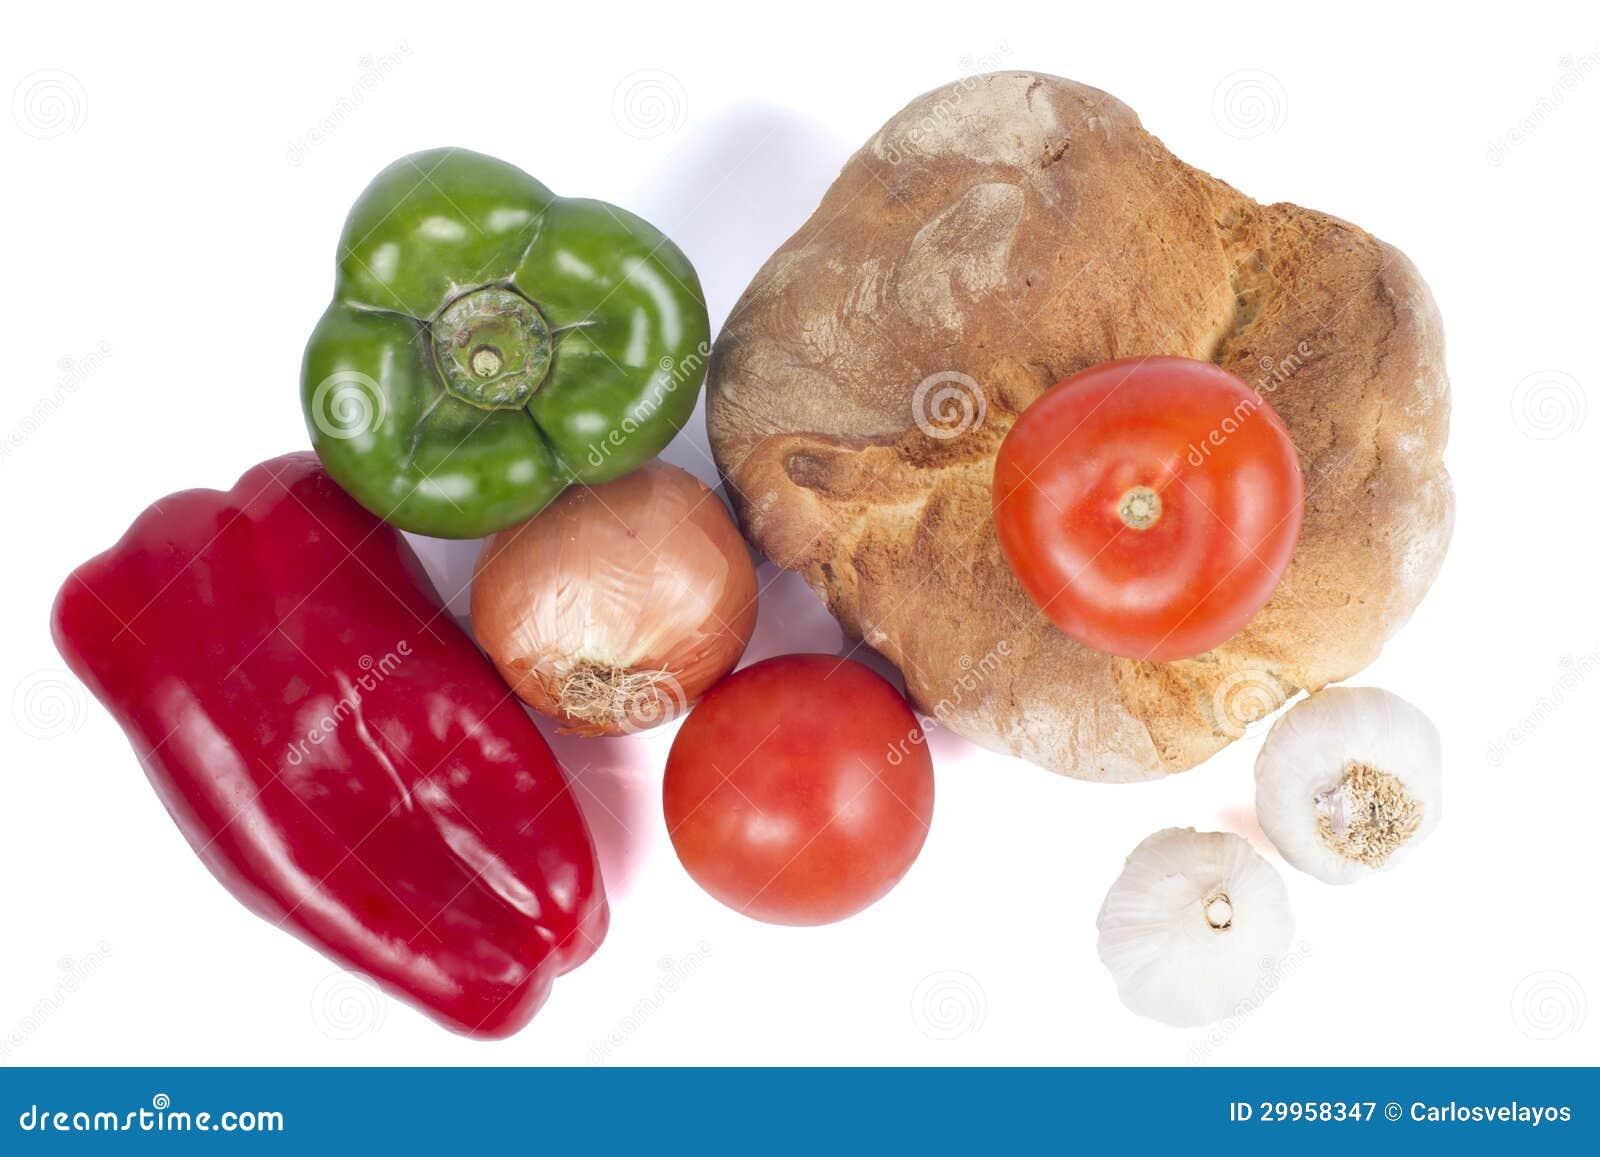 Frisches Brot mit Pfeffern, Tomaten, Zwiebel und Knoblauch.